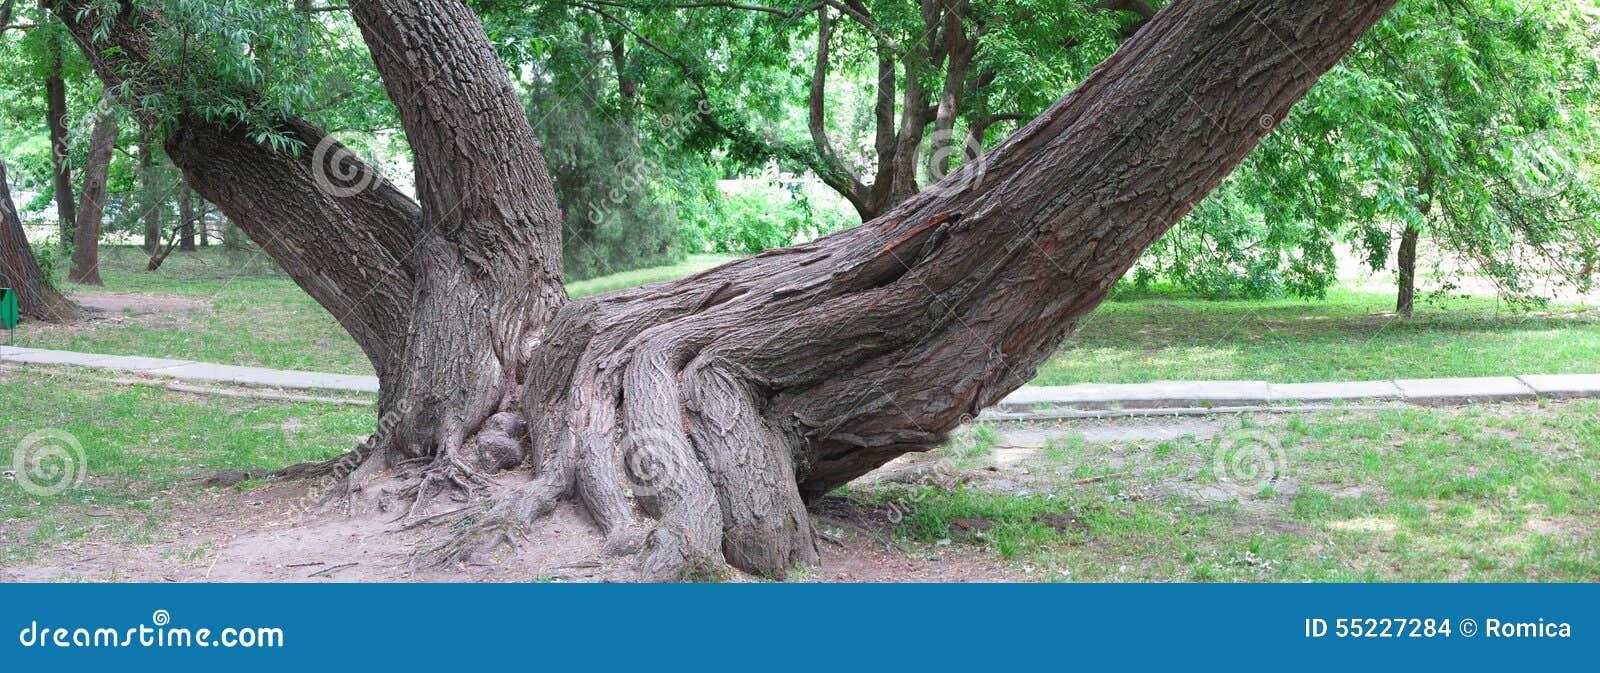 Radici enormi di vecchio albero in parco verde, immagine di panorama